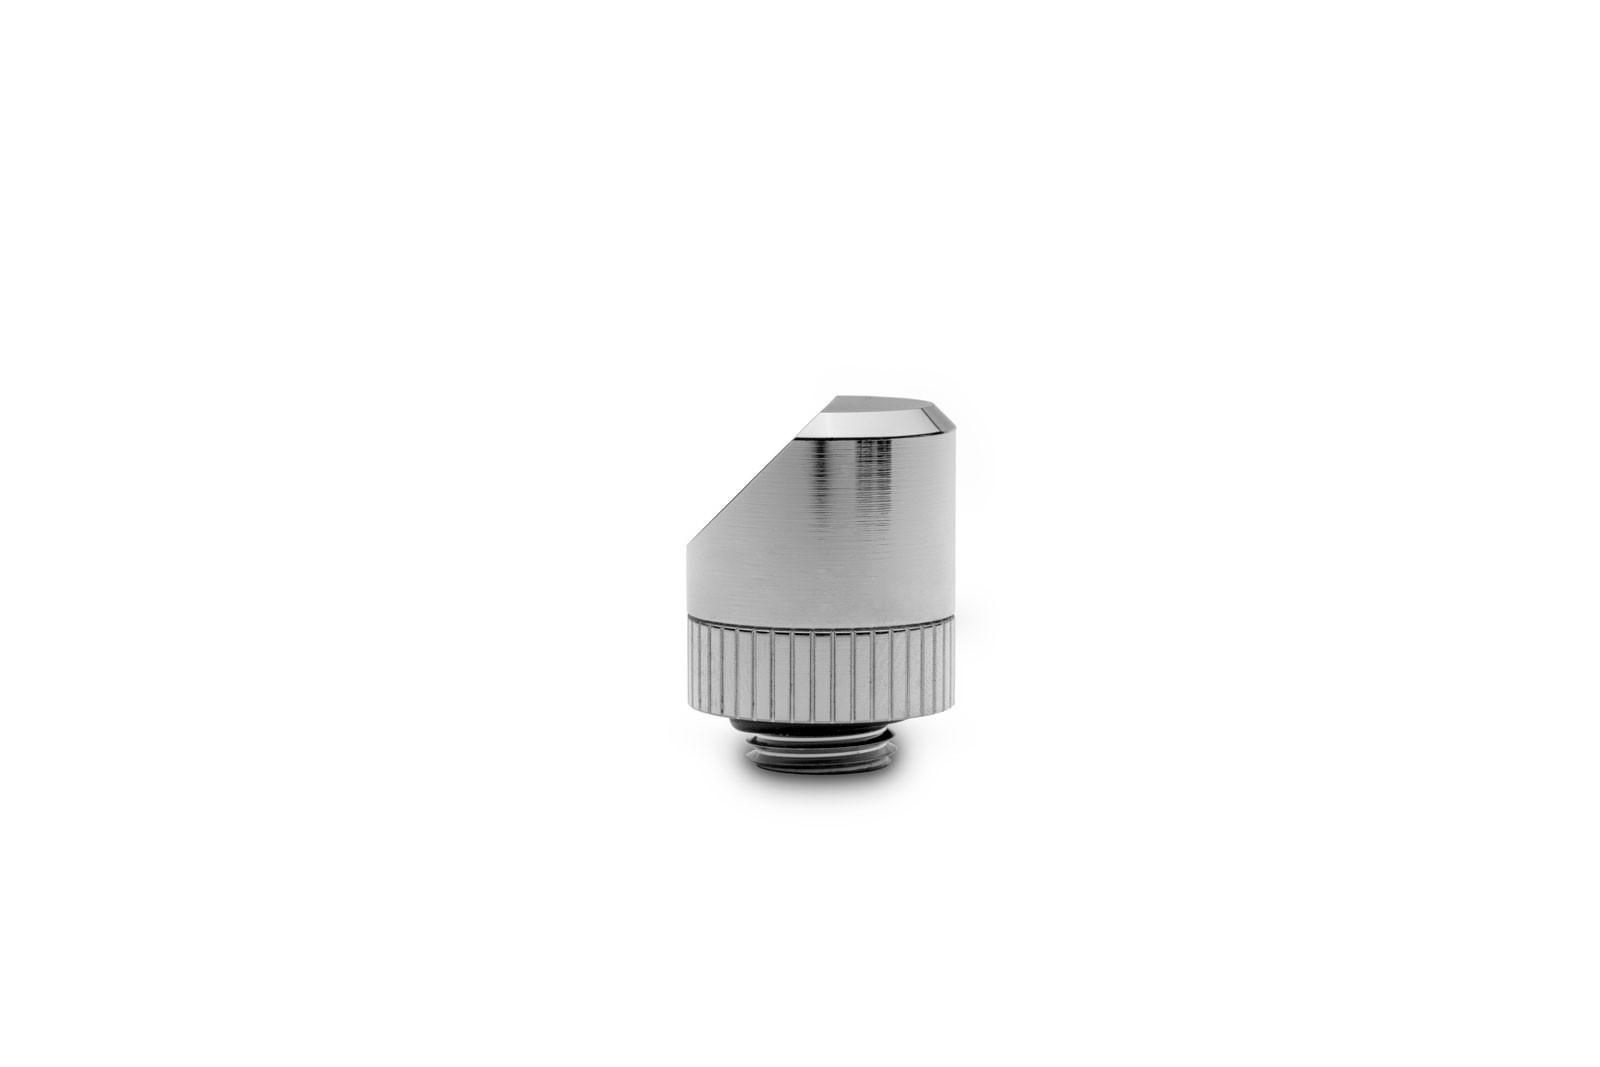 EK WaterBlocks EK-Torque Angled 45° - Nickel